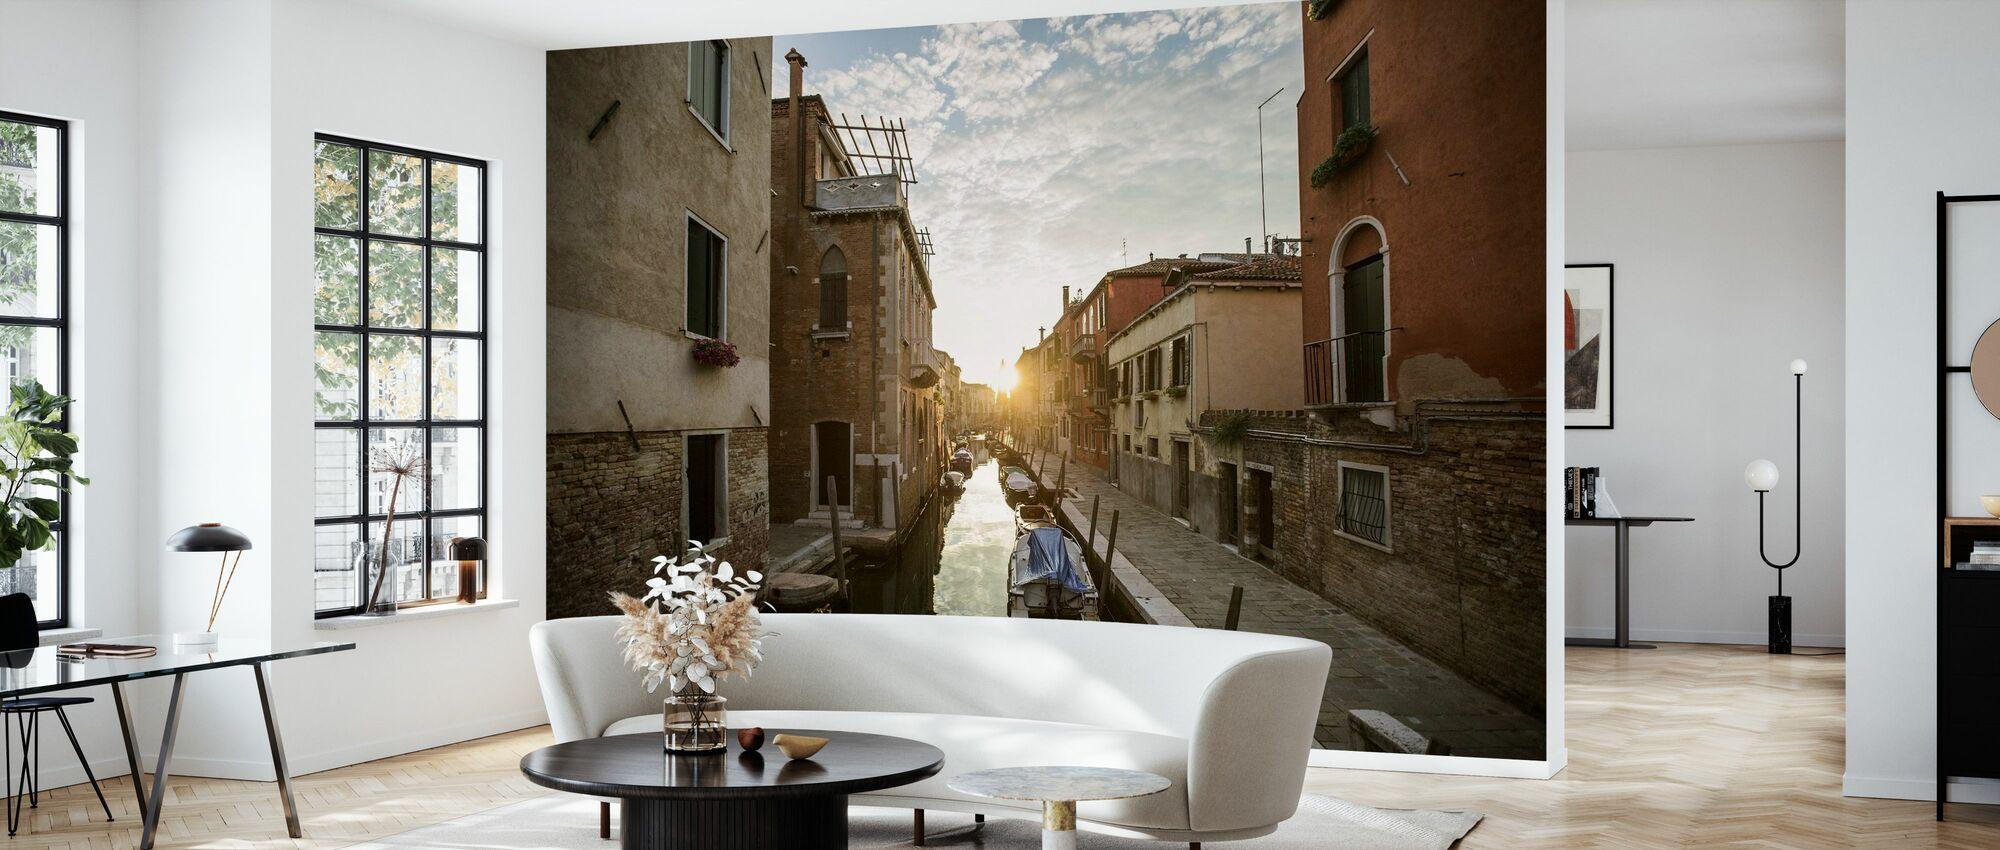 Gondel in Venedig - Tapete - Wohnzimmer